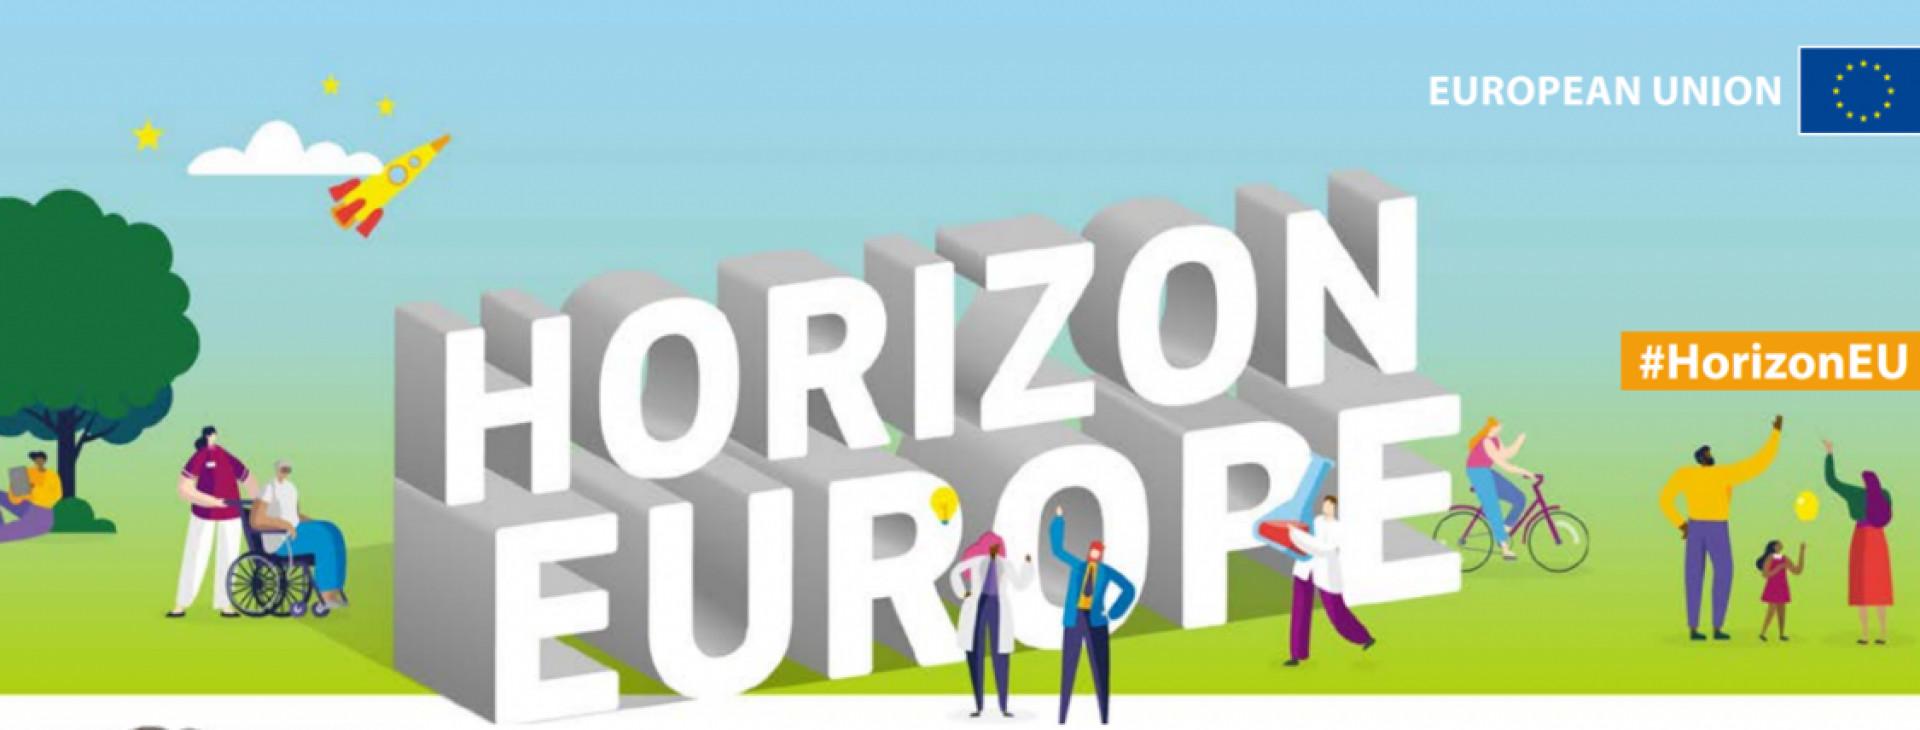 """ევროკავშირსა და საქართველოს შორის კვლევისა და ინოვაციის მიმართულებით თანამშრომლობის ხელშეწყობა: საინფორმაციო დღე ევროკავშირის კვლევისა და ინოვაციის ჩარჩო პროგრამა """"ჰორიზონტი ევროპა""""-ს შესახებ"""